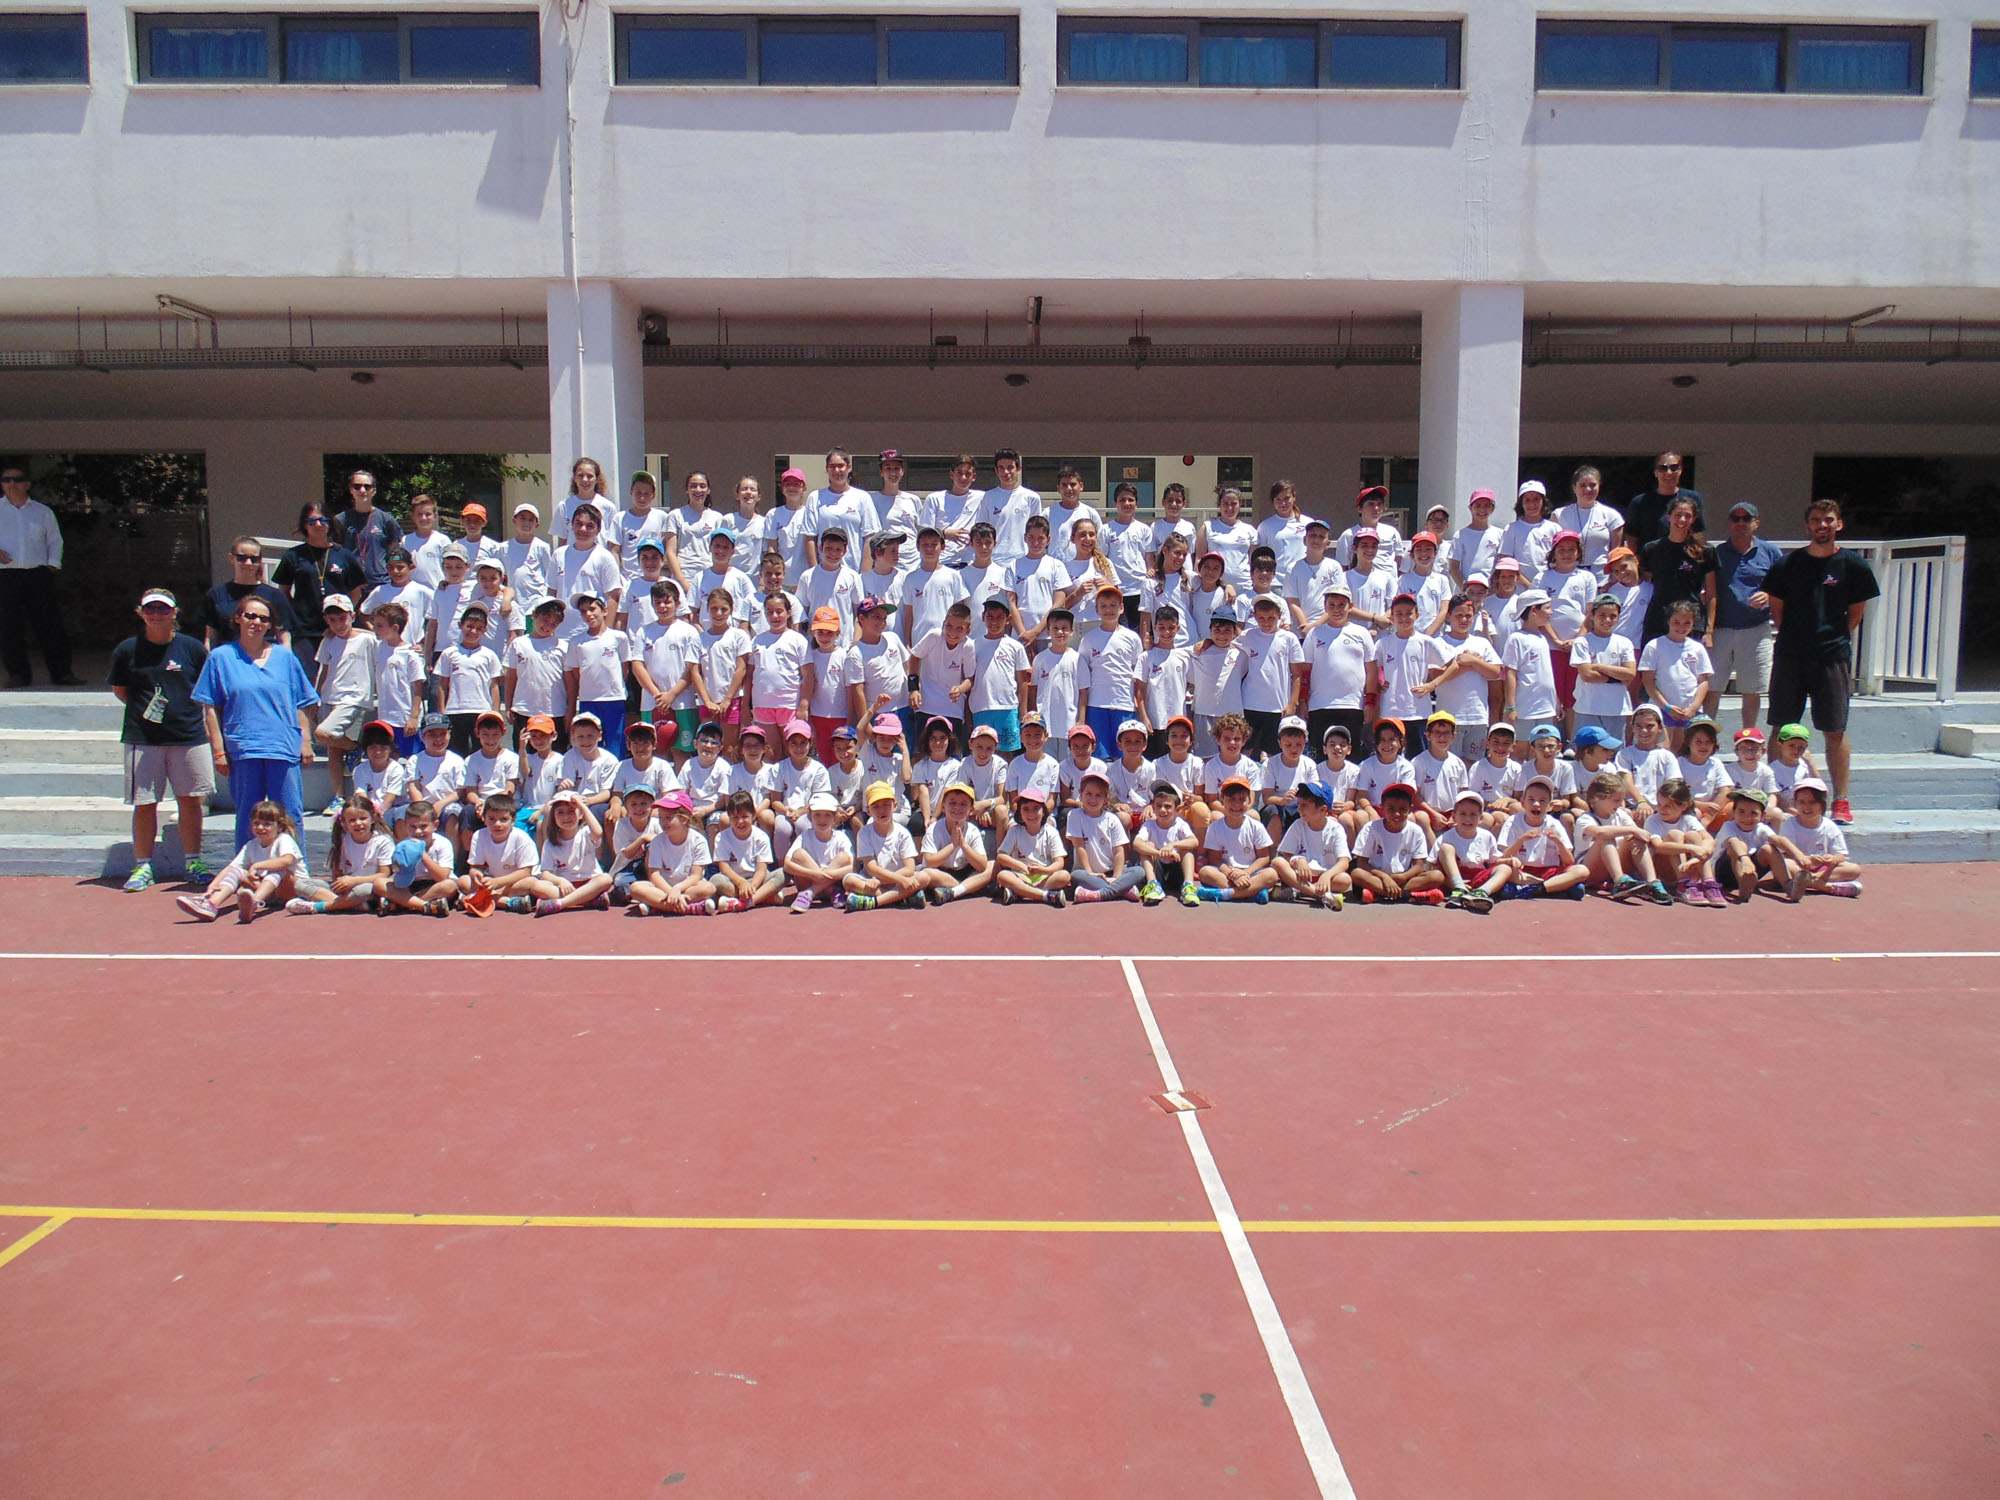 7ο Sports Camp από τον ΑΕΣ ΙΑΣΩΝ Κολωνού